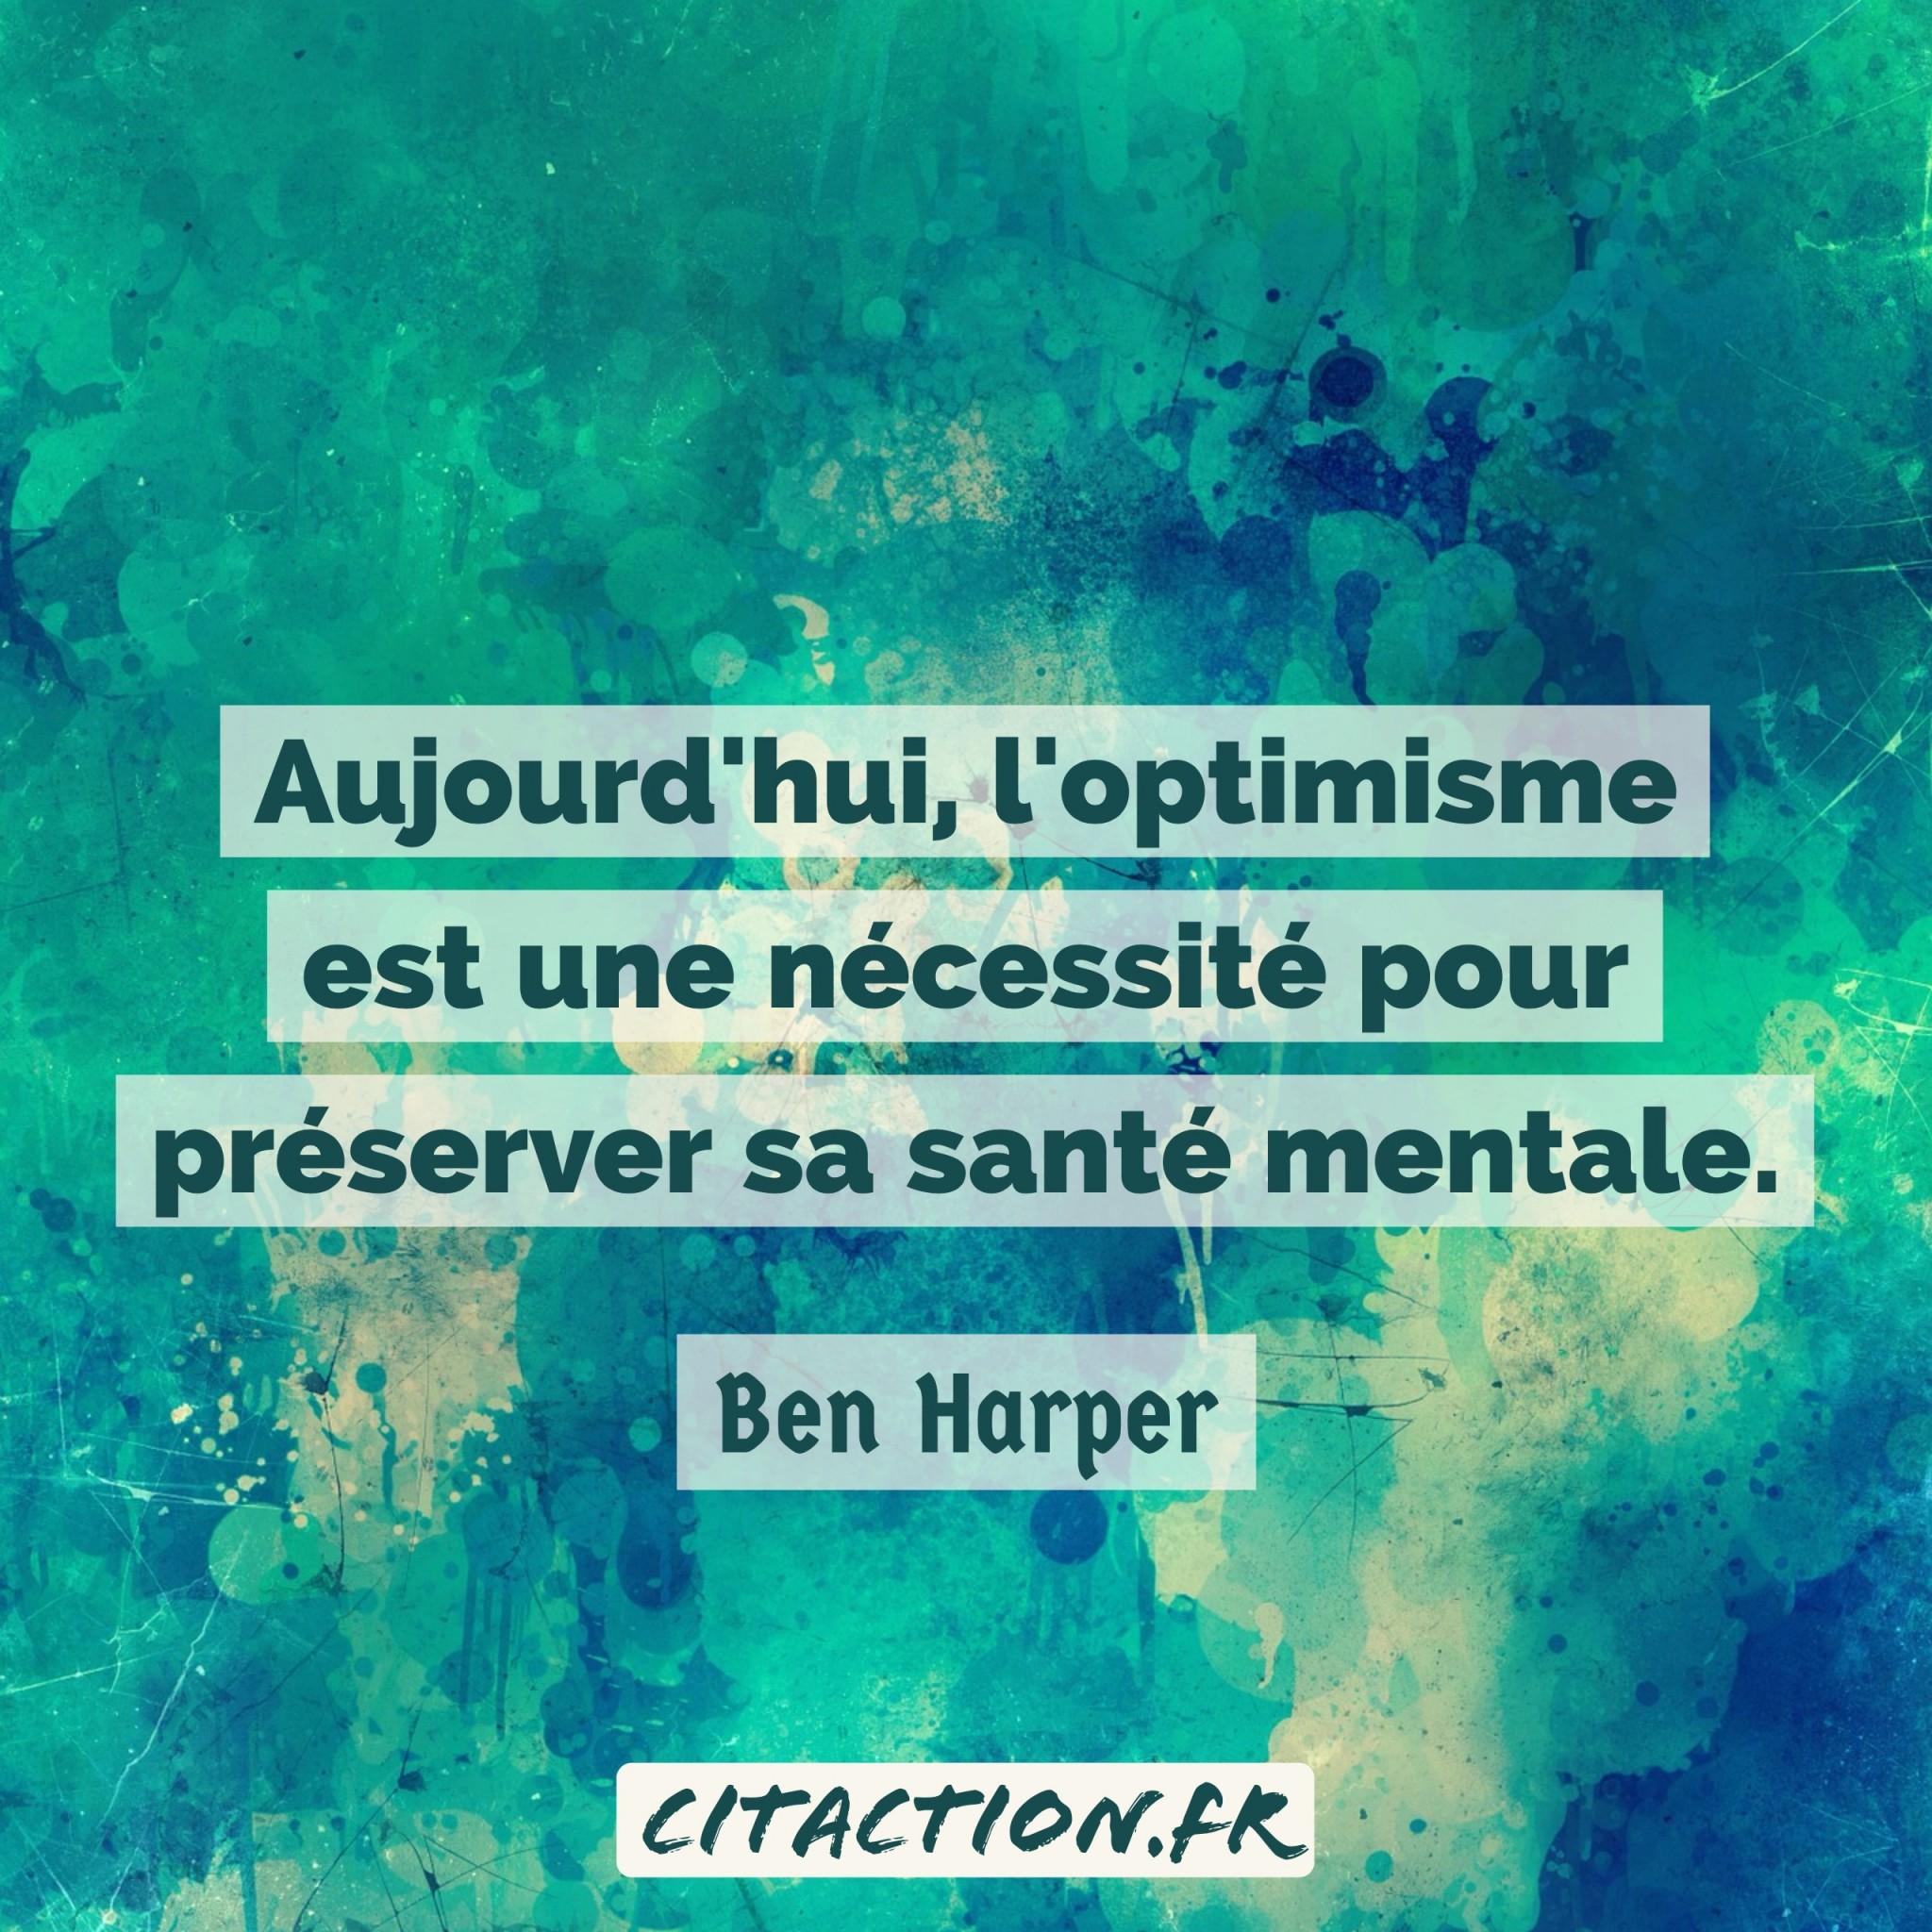 Aujourd'hui, l'optimisme est une nécessité pour préserver sa santé mentale.